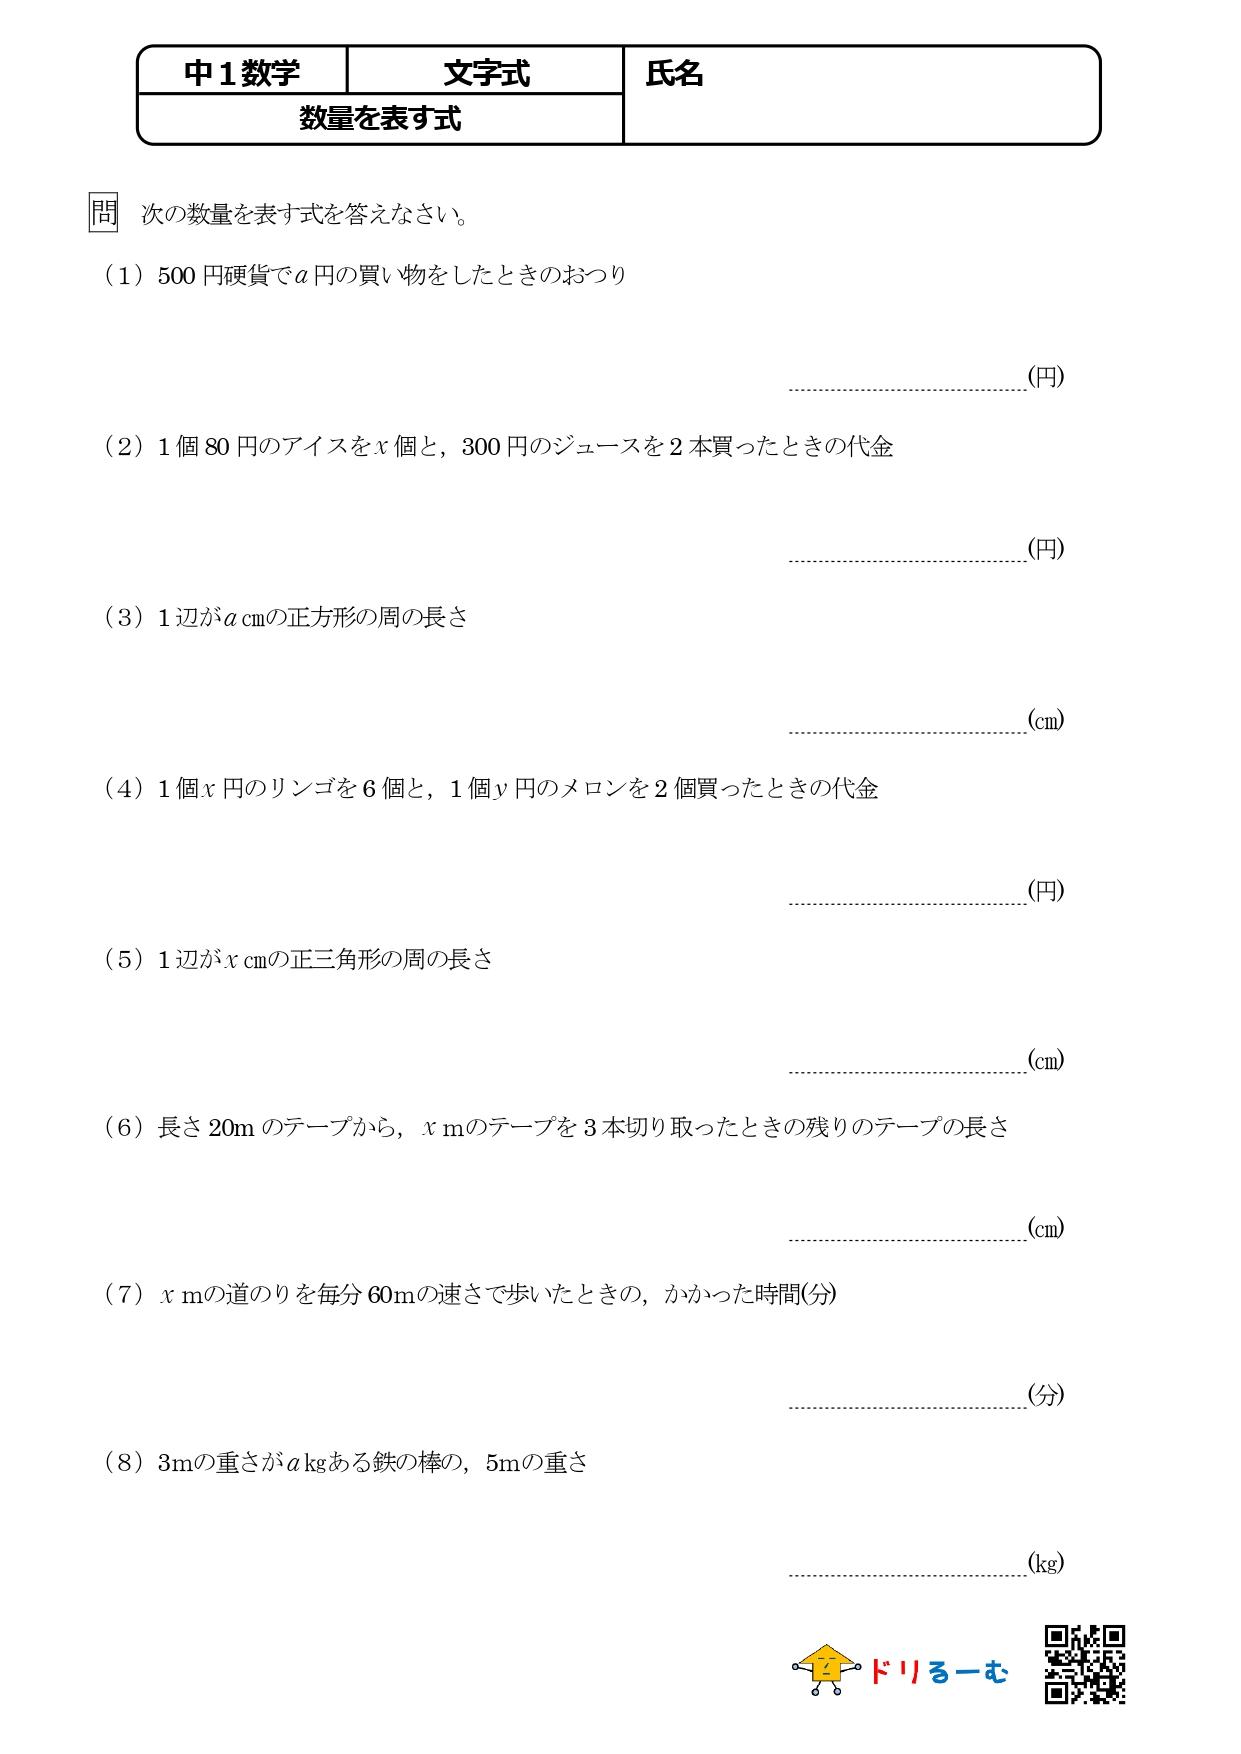 文字式(数量を表す式)